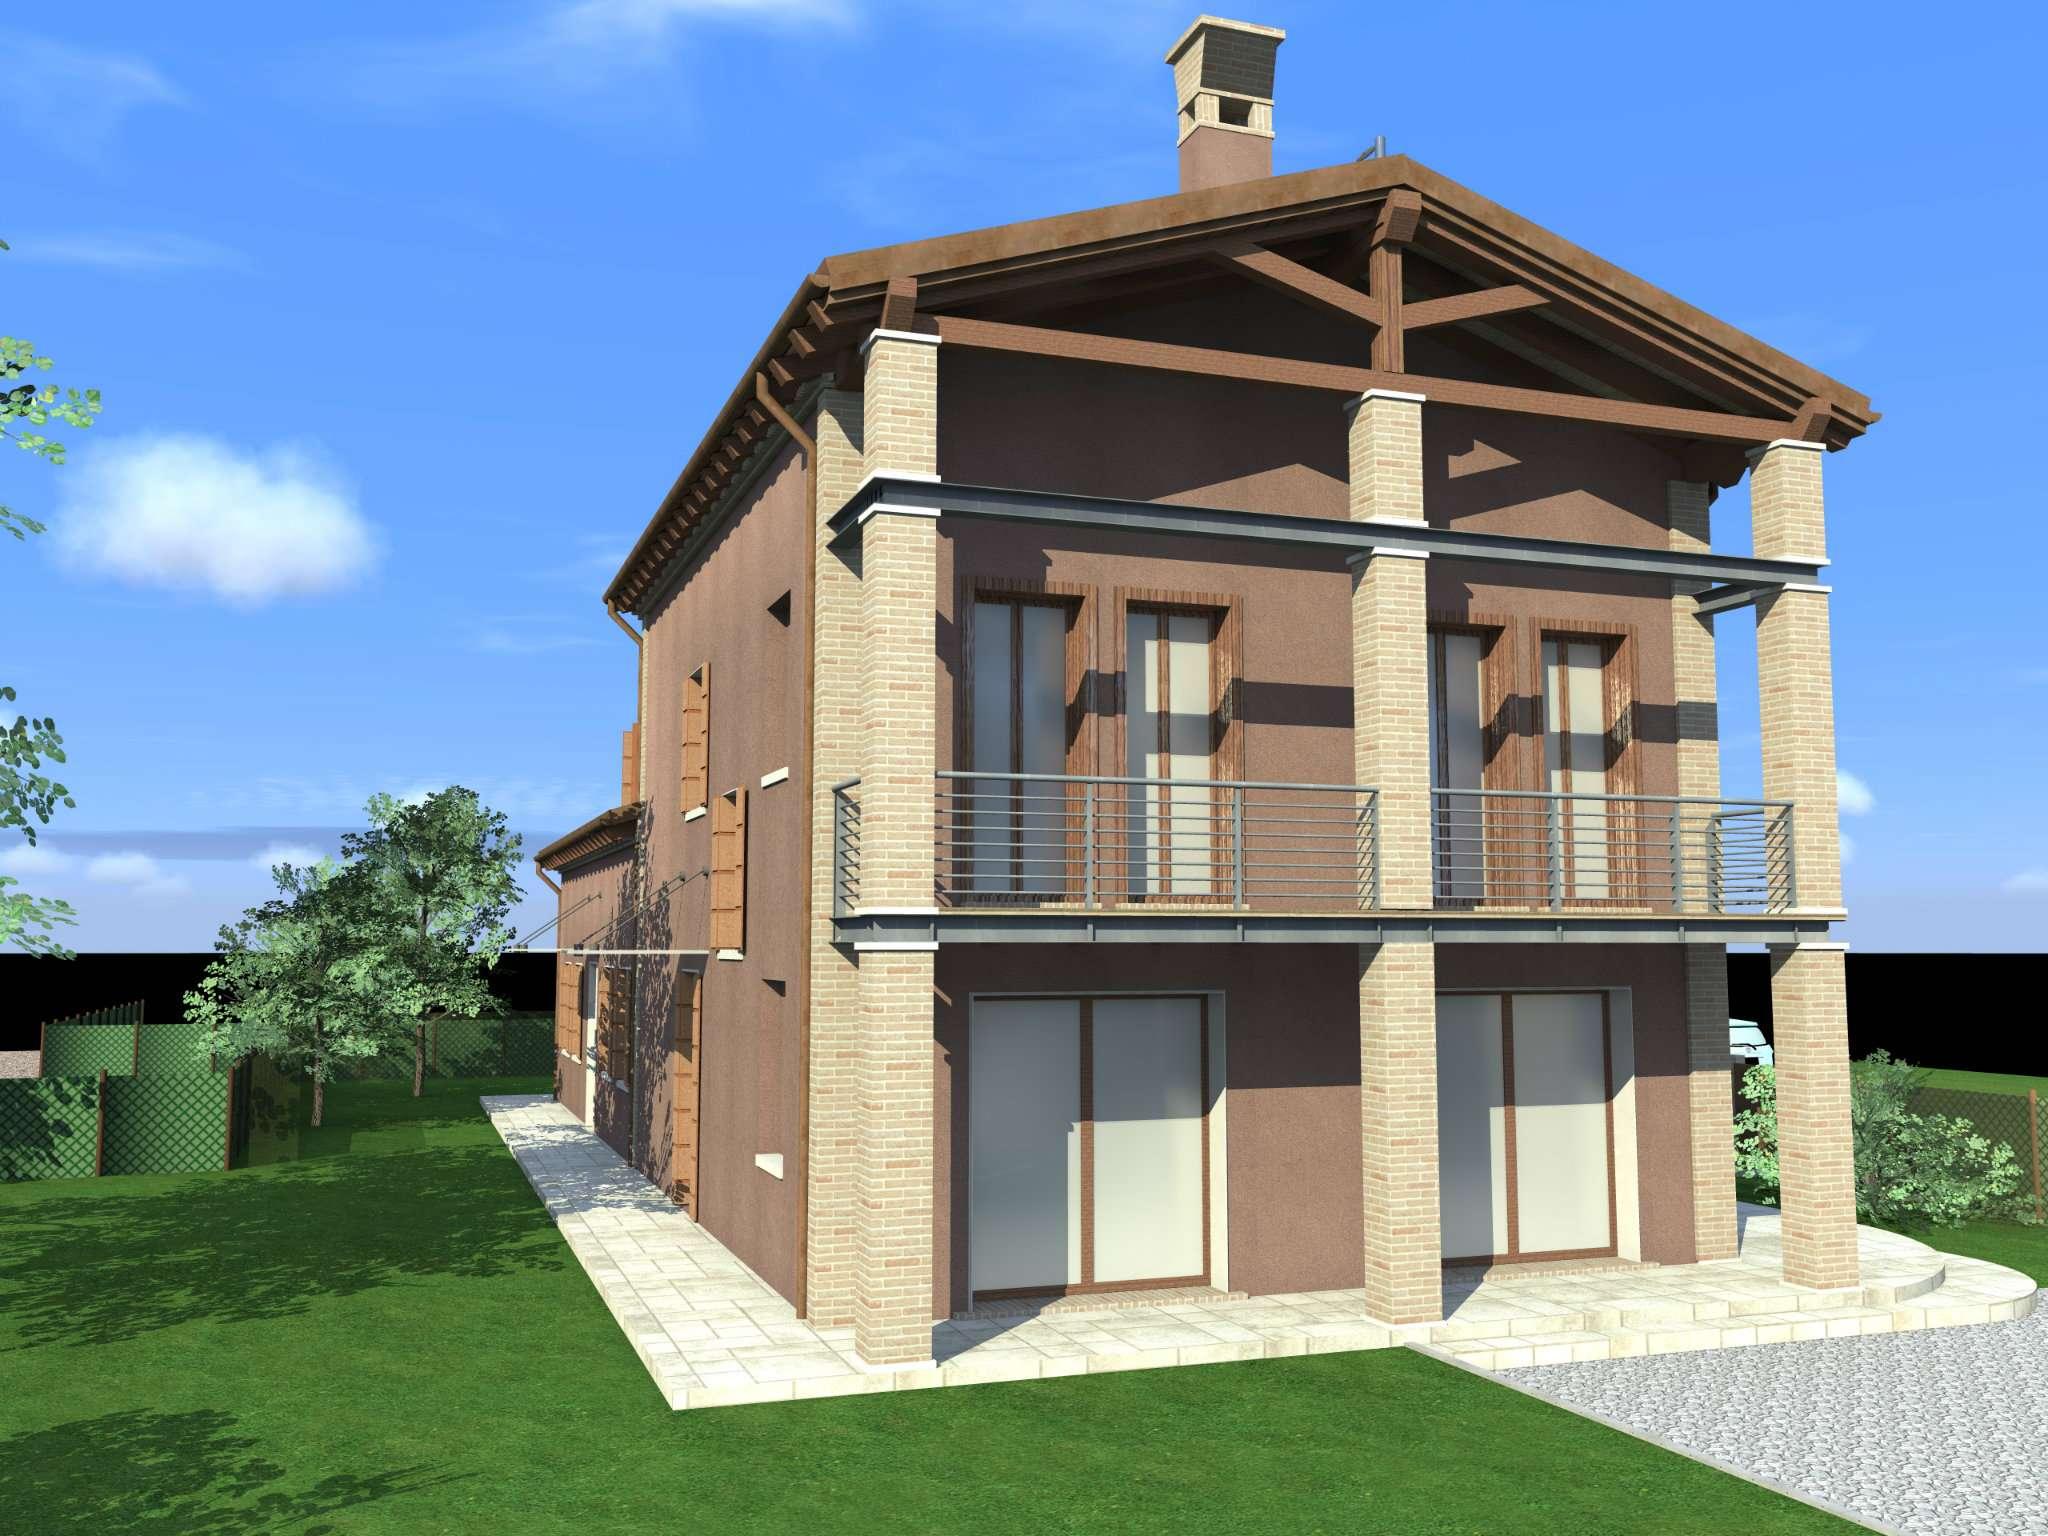 Soluzione Indipendente in vendita a Mirano, 9999 locali, prezzo € 245.000   CambioCasa.it